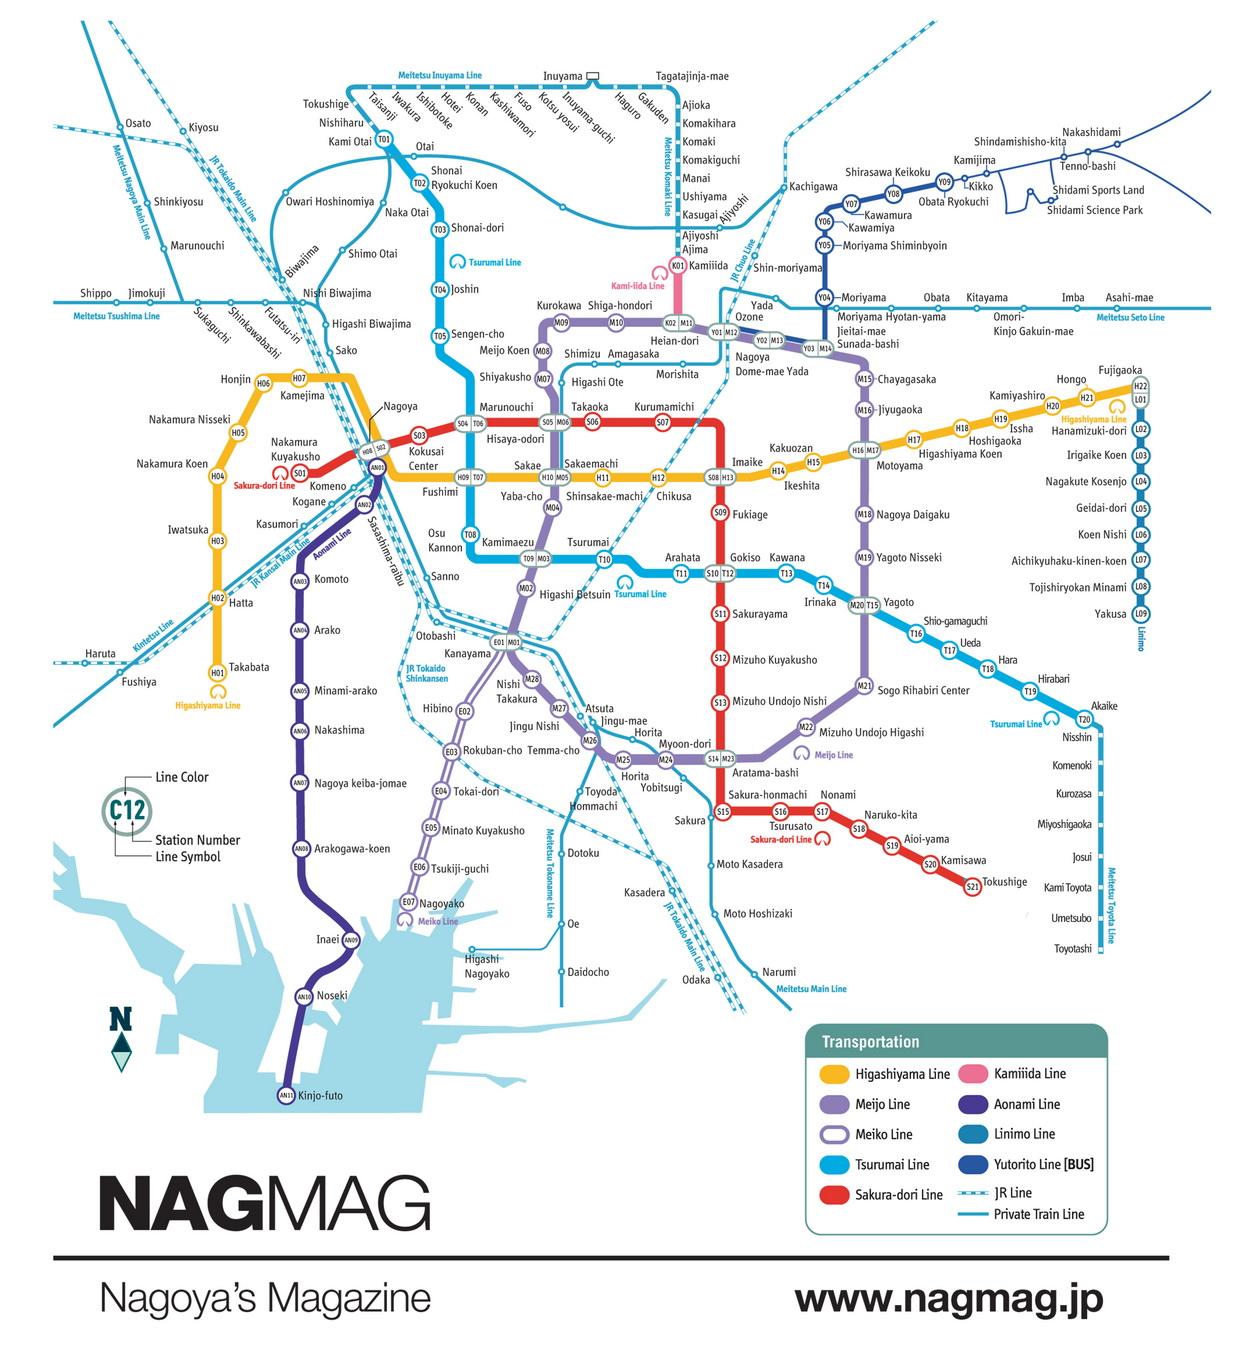 Nagoya Subway Map.NAGMAG